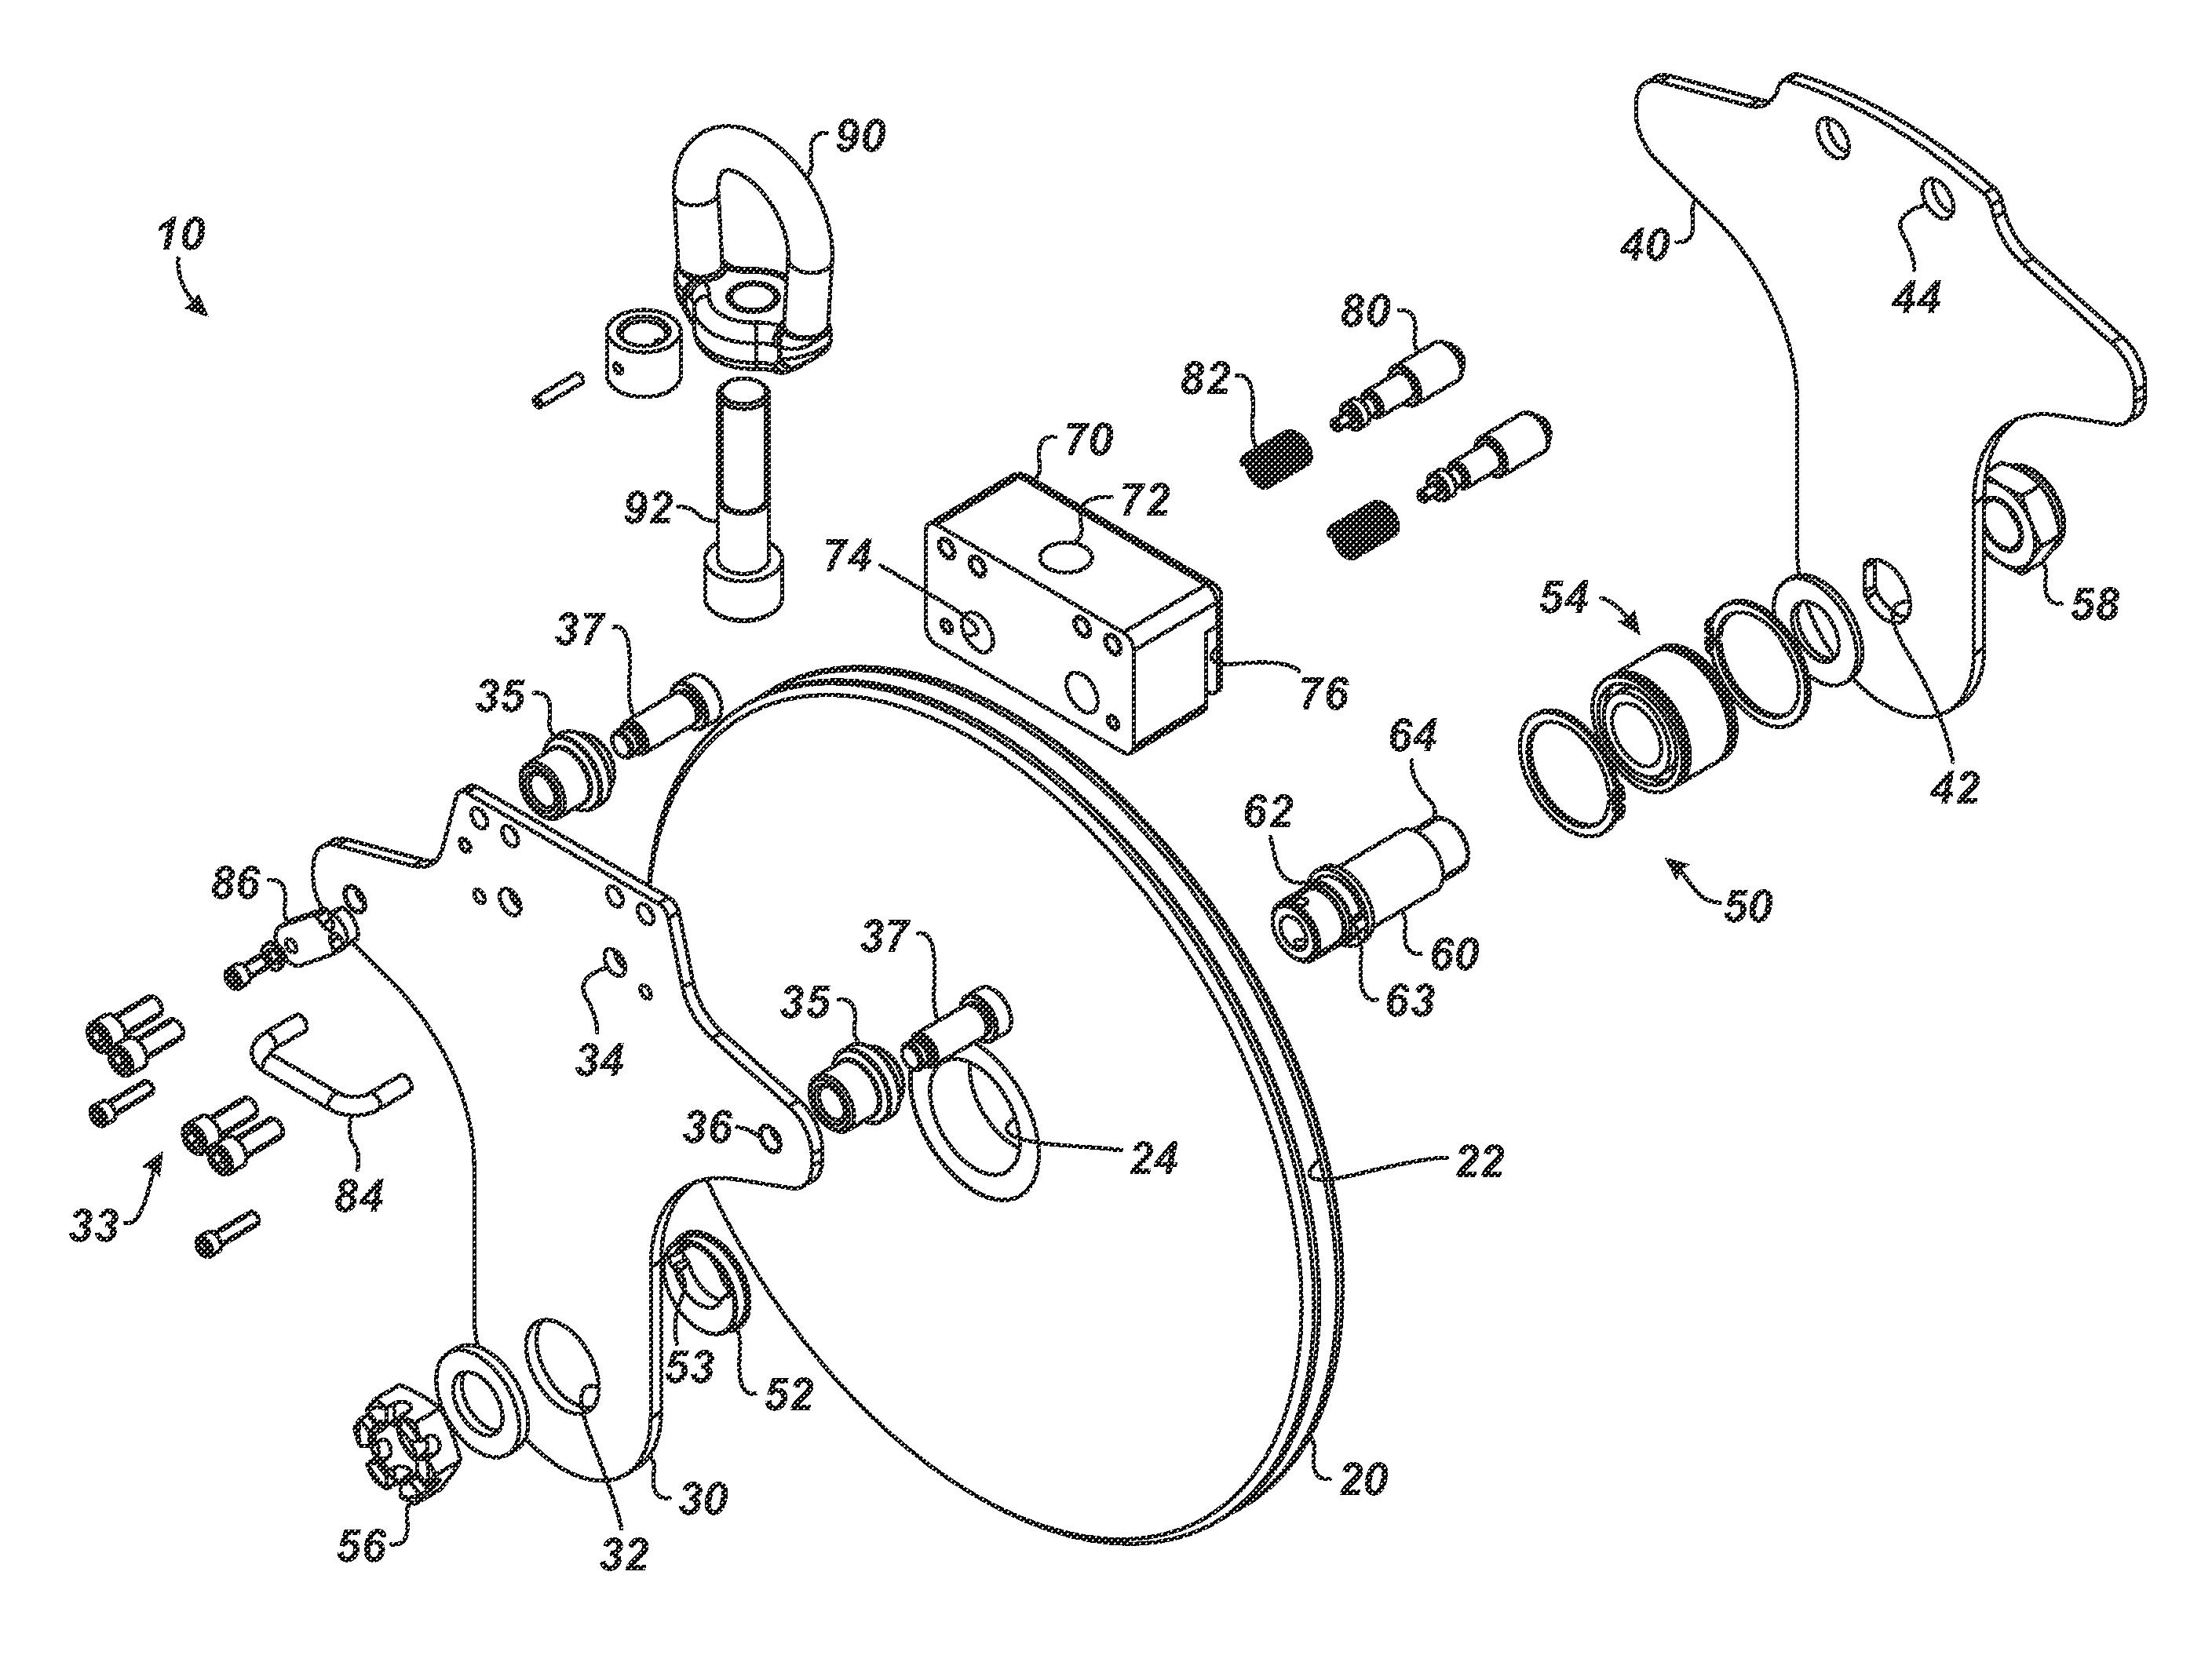 US08210502 20120703 D00000 120vac wiring diagram wiring auto engine wiring diagrams,20 Amp Plug For 120vac Wiring Diagram